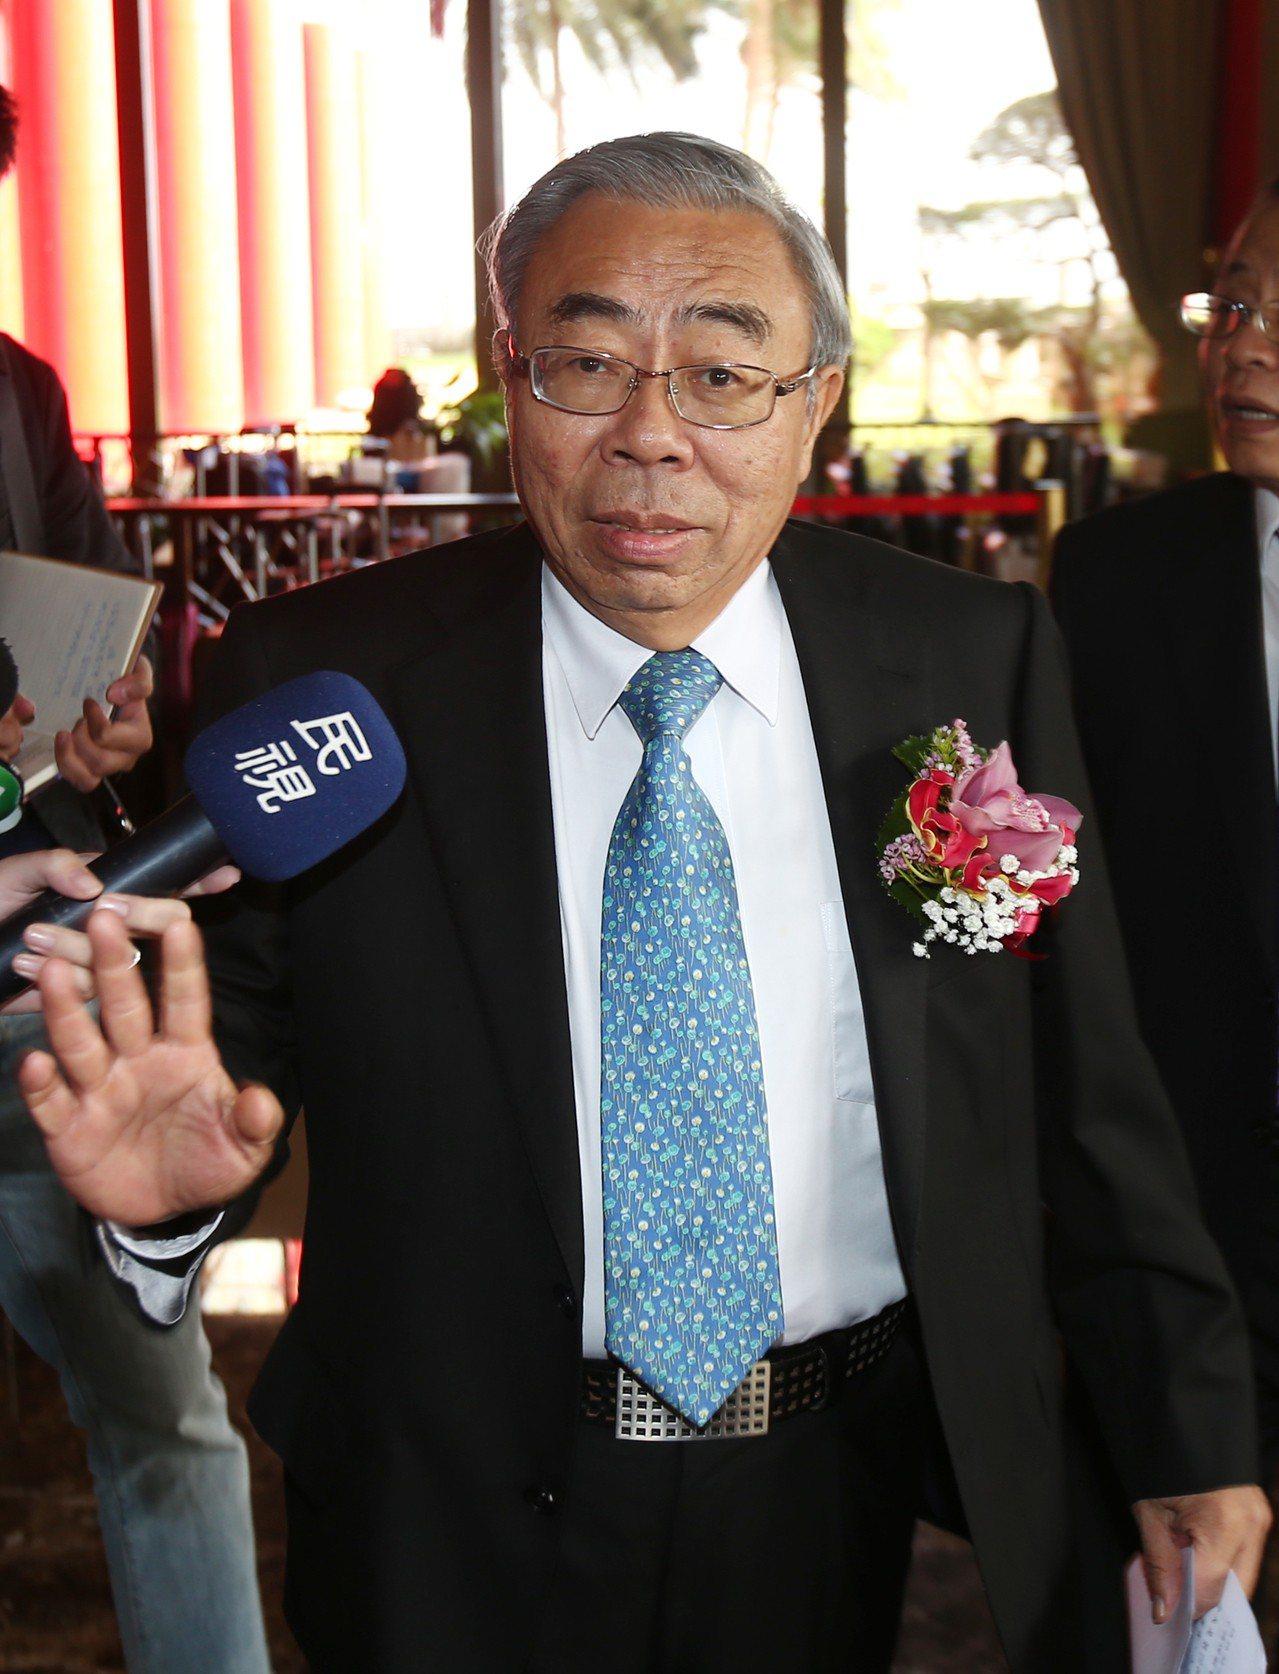 台塑集團副總裁王瑞華驚傳婚變,終止近30年的婚姻。對此,台塑集團總裁王文淵表示,...